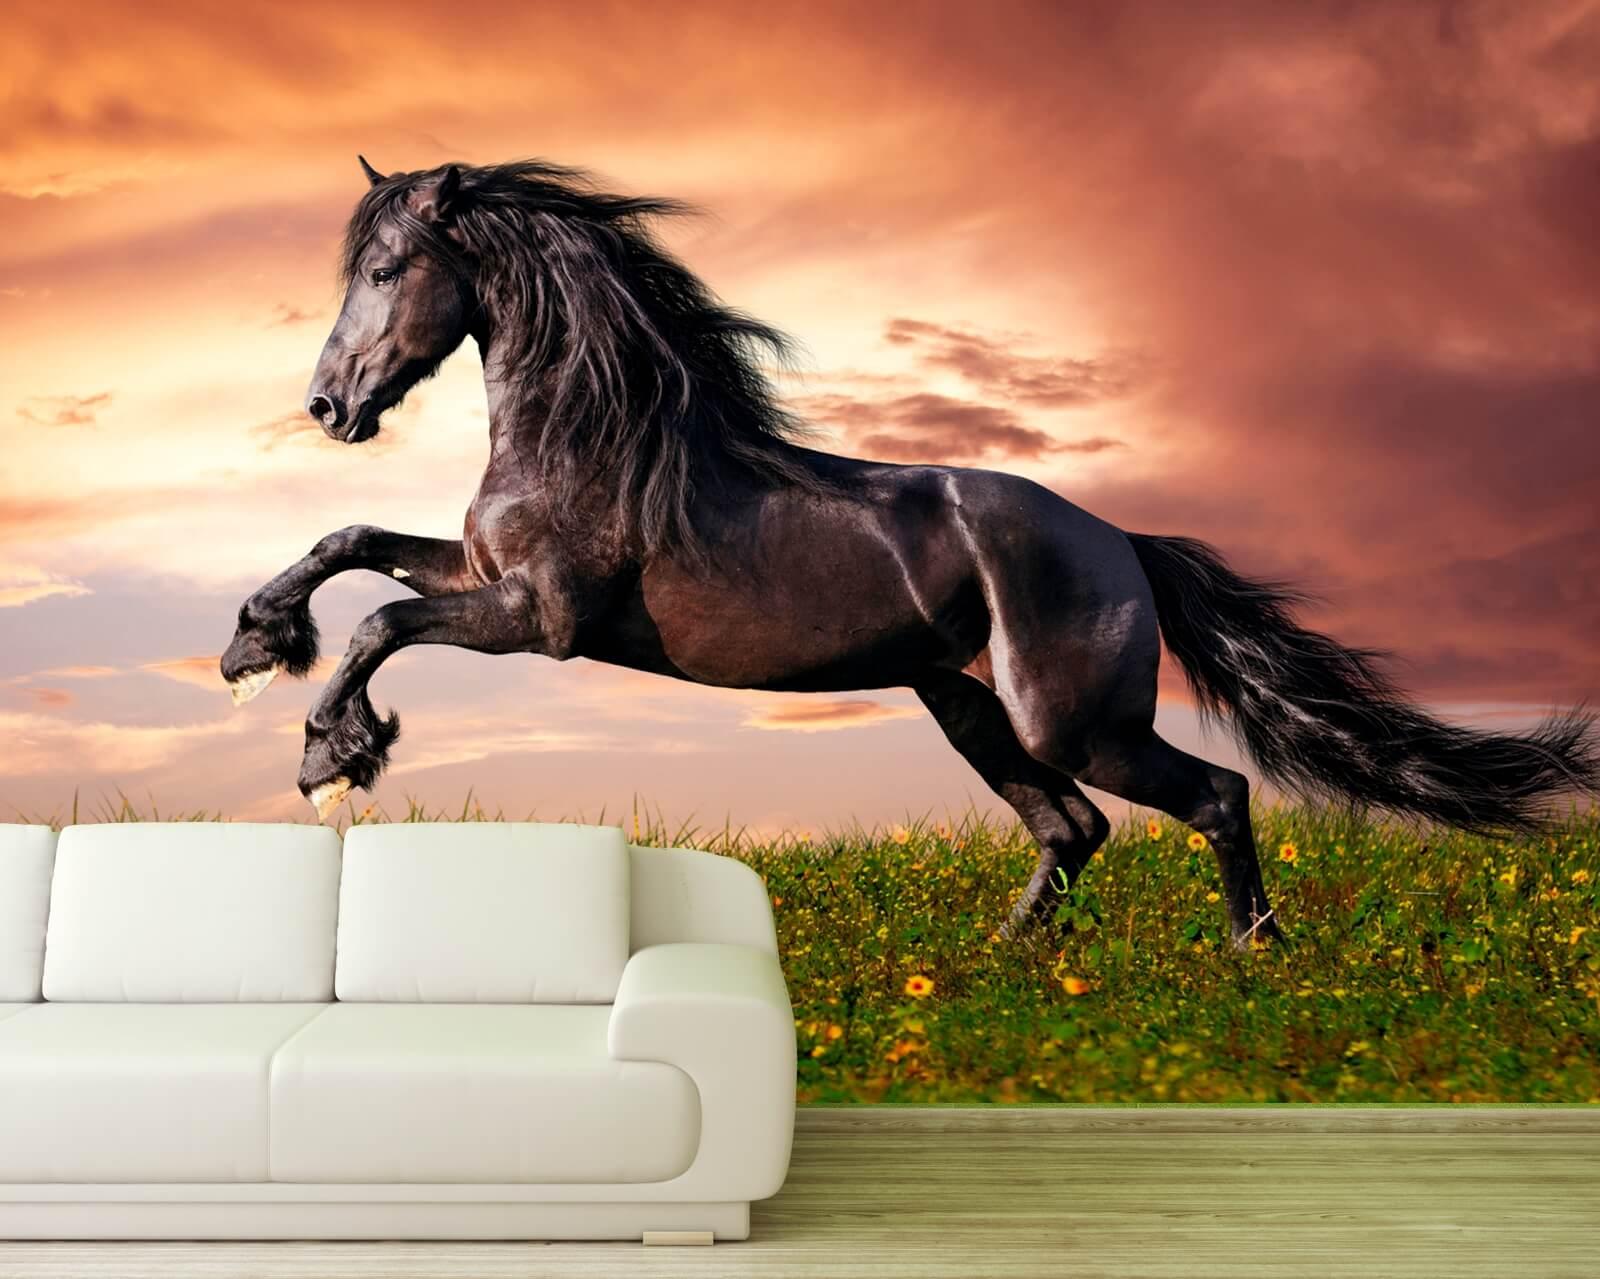 Vlies Fototapete Pferd Tiere Friese Gallop Landschaft Wohnzimmer Tapete XXL 252